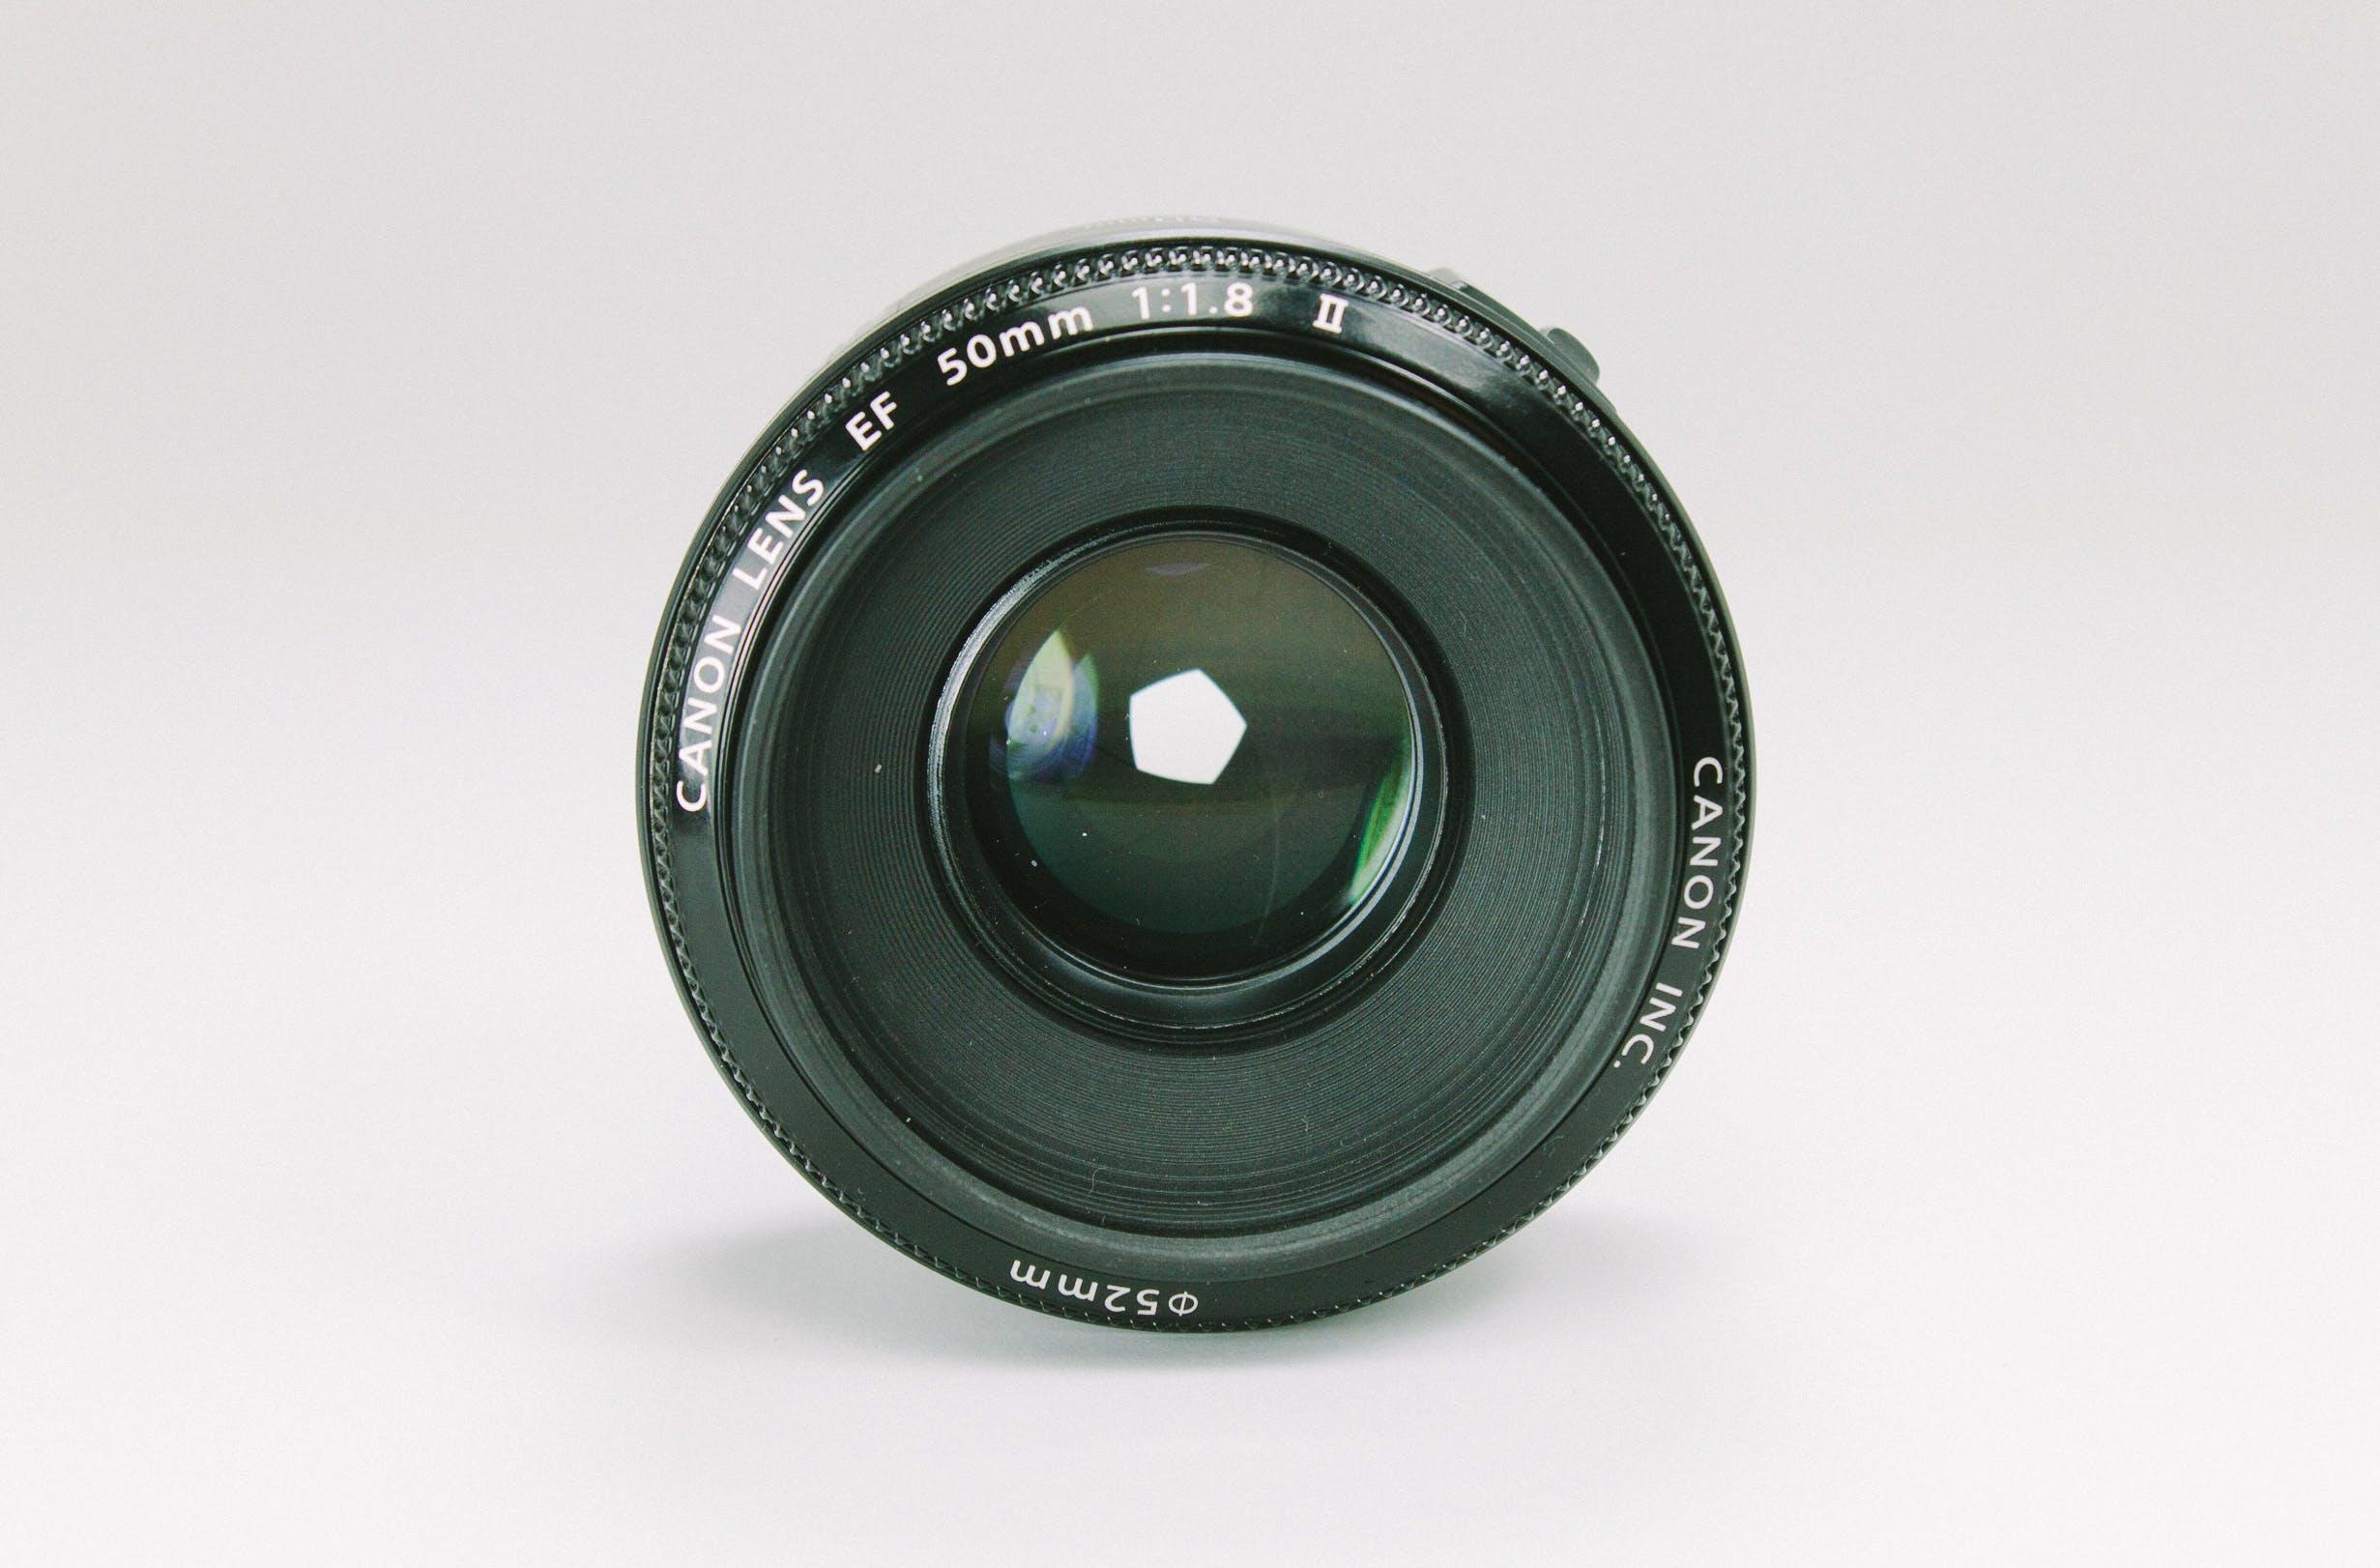 Δωρεάν στοκ φωτογραφιών με 50mm, canon, εξοπλισμός φωτογραφίας, ζουμ